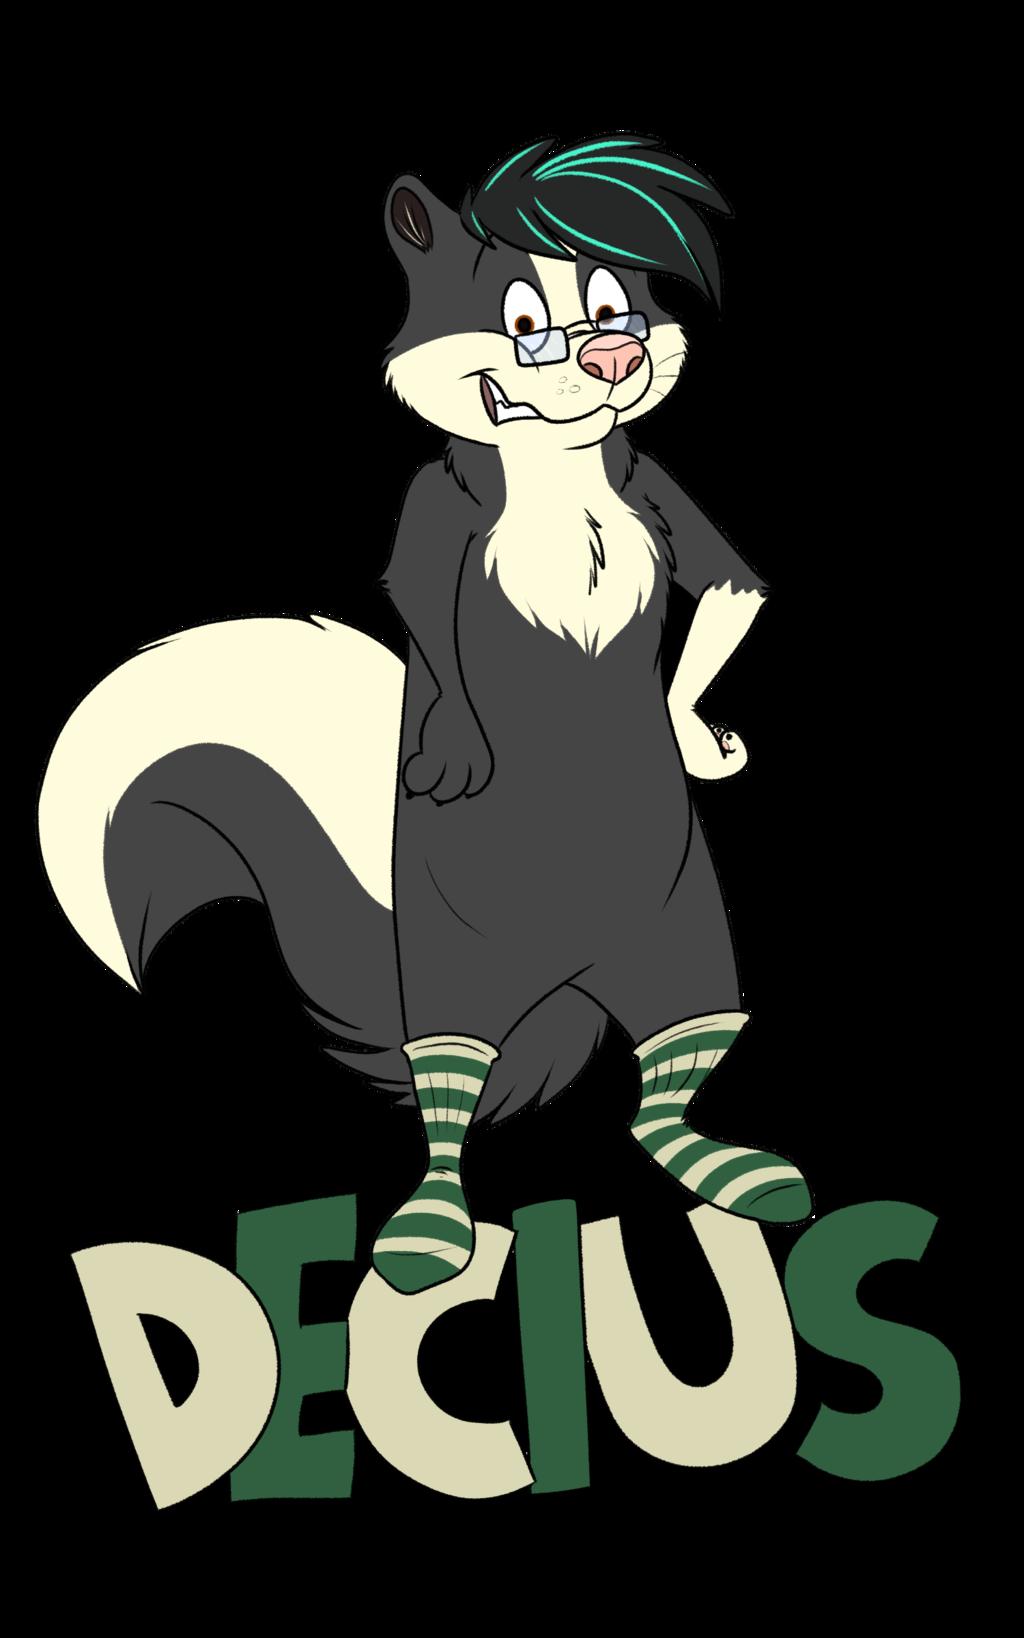 Decius badge